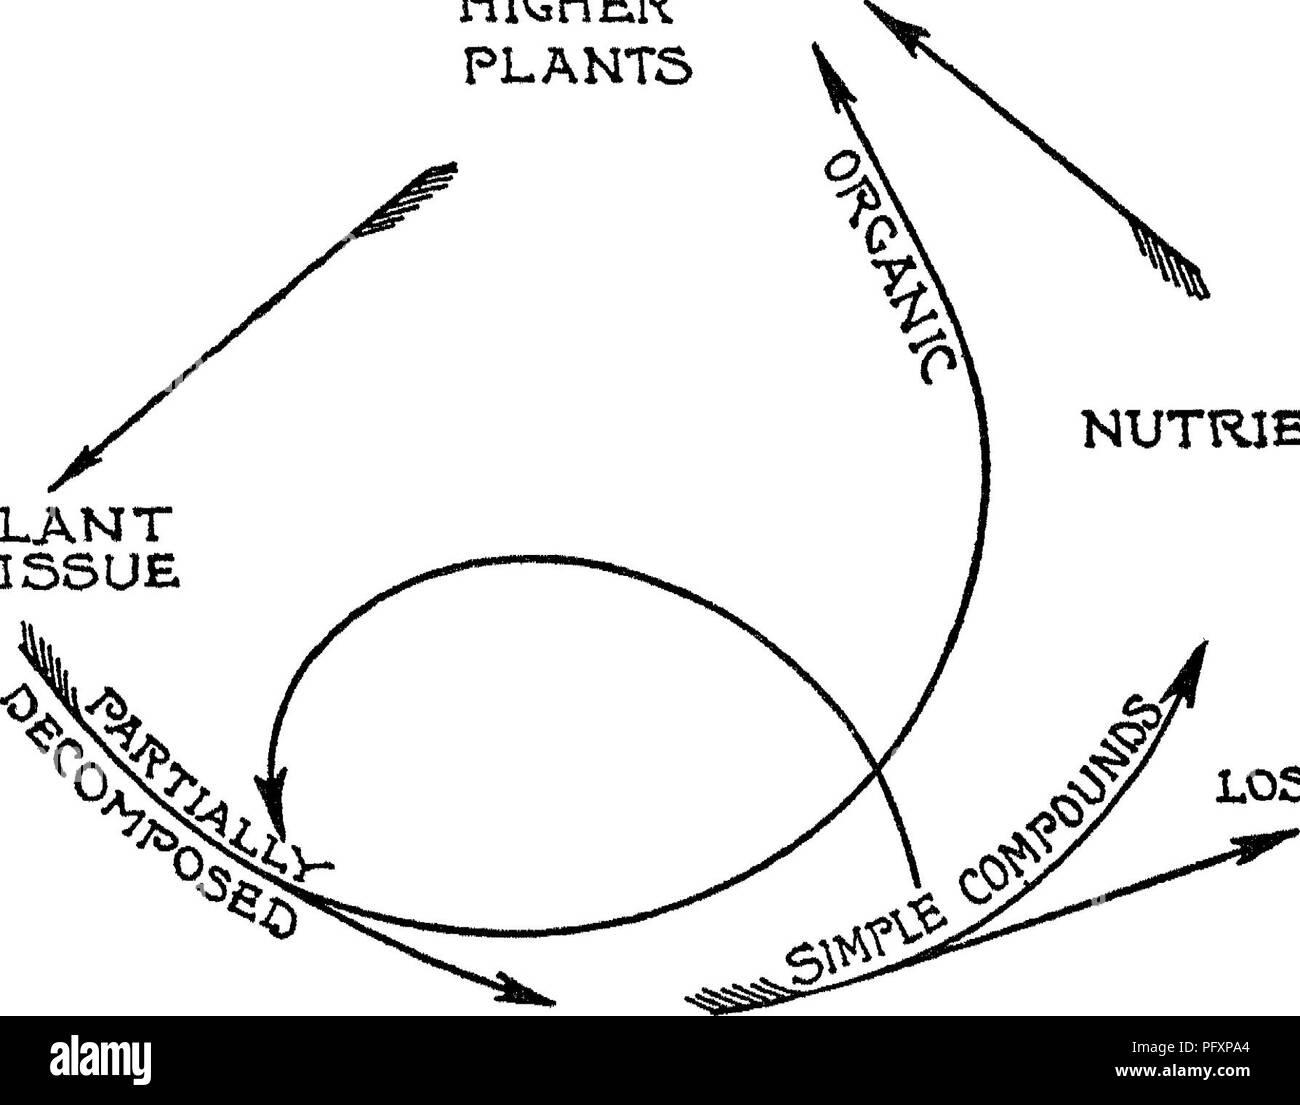 La naturaleza y las propiedades de los suelos; un colegio ... on